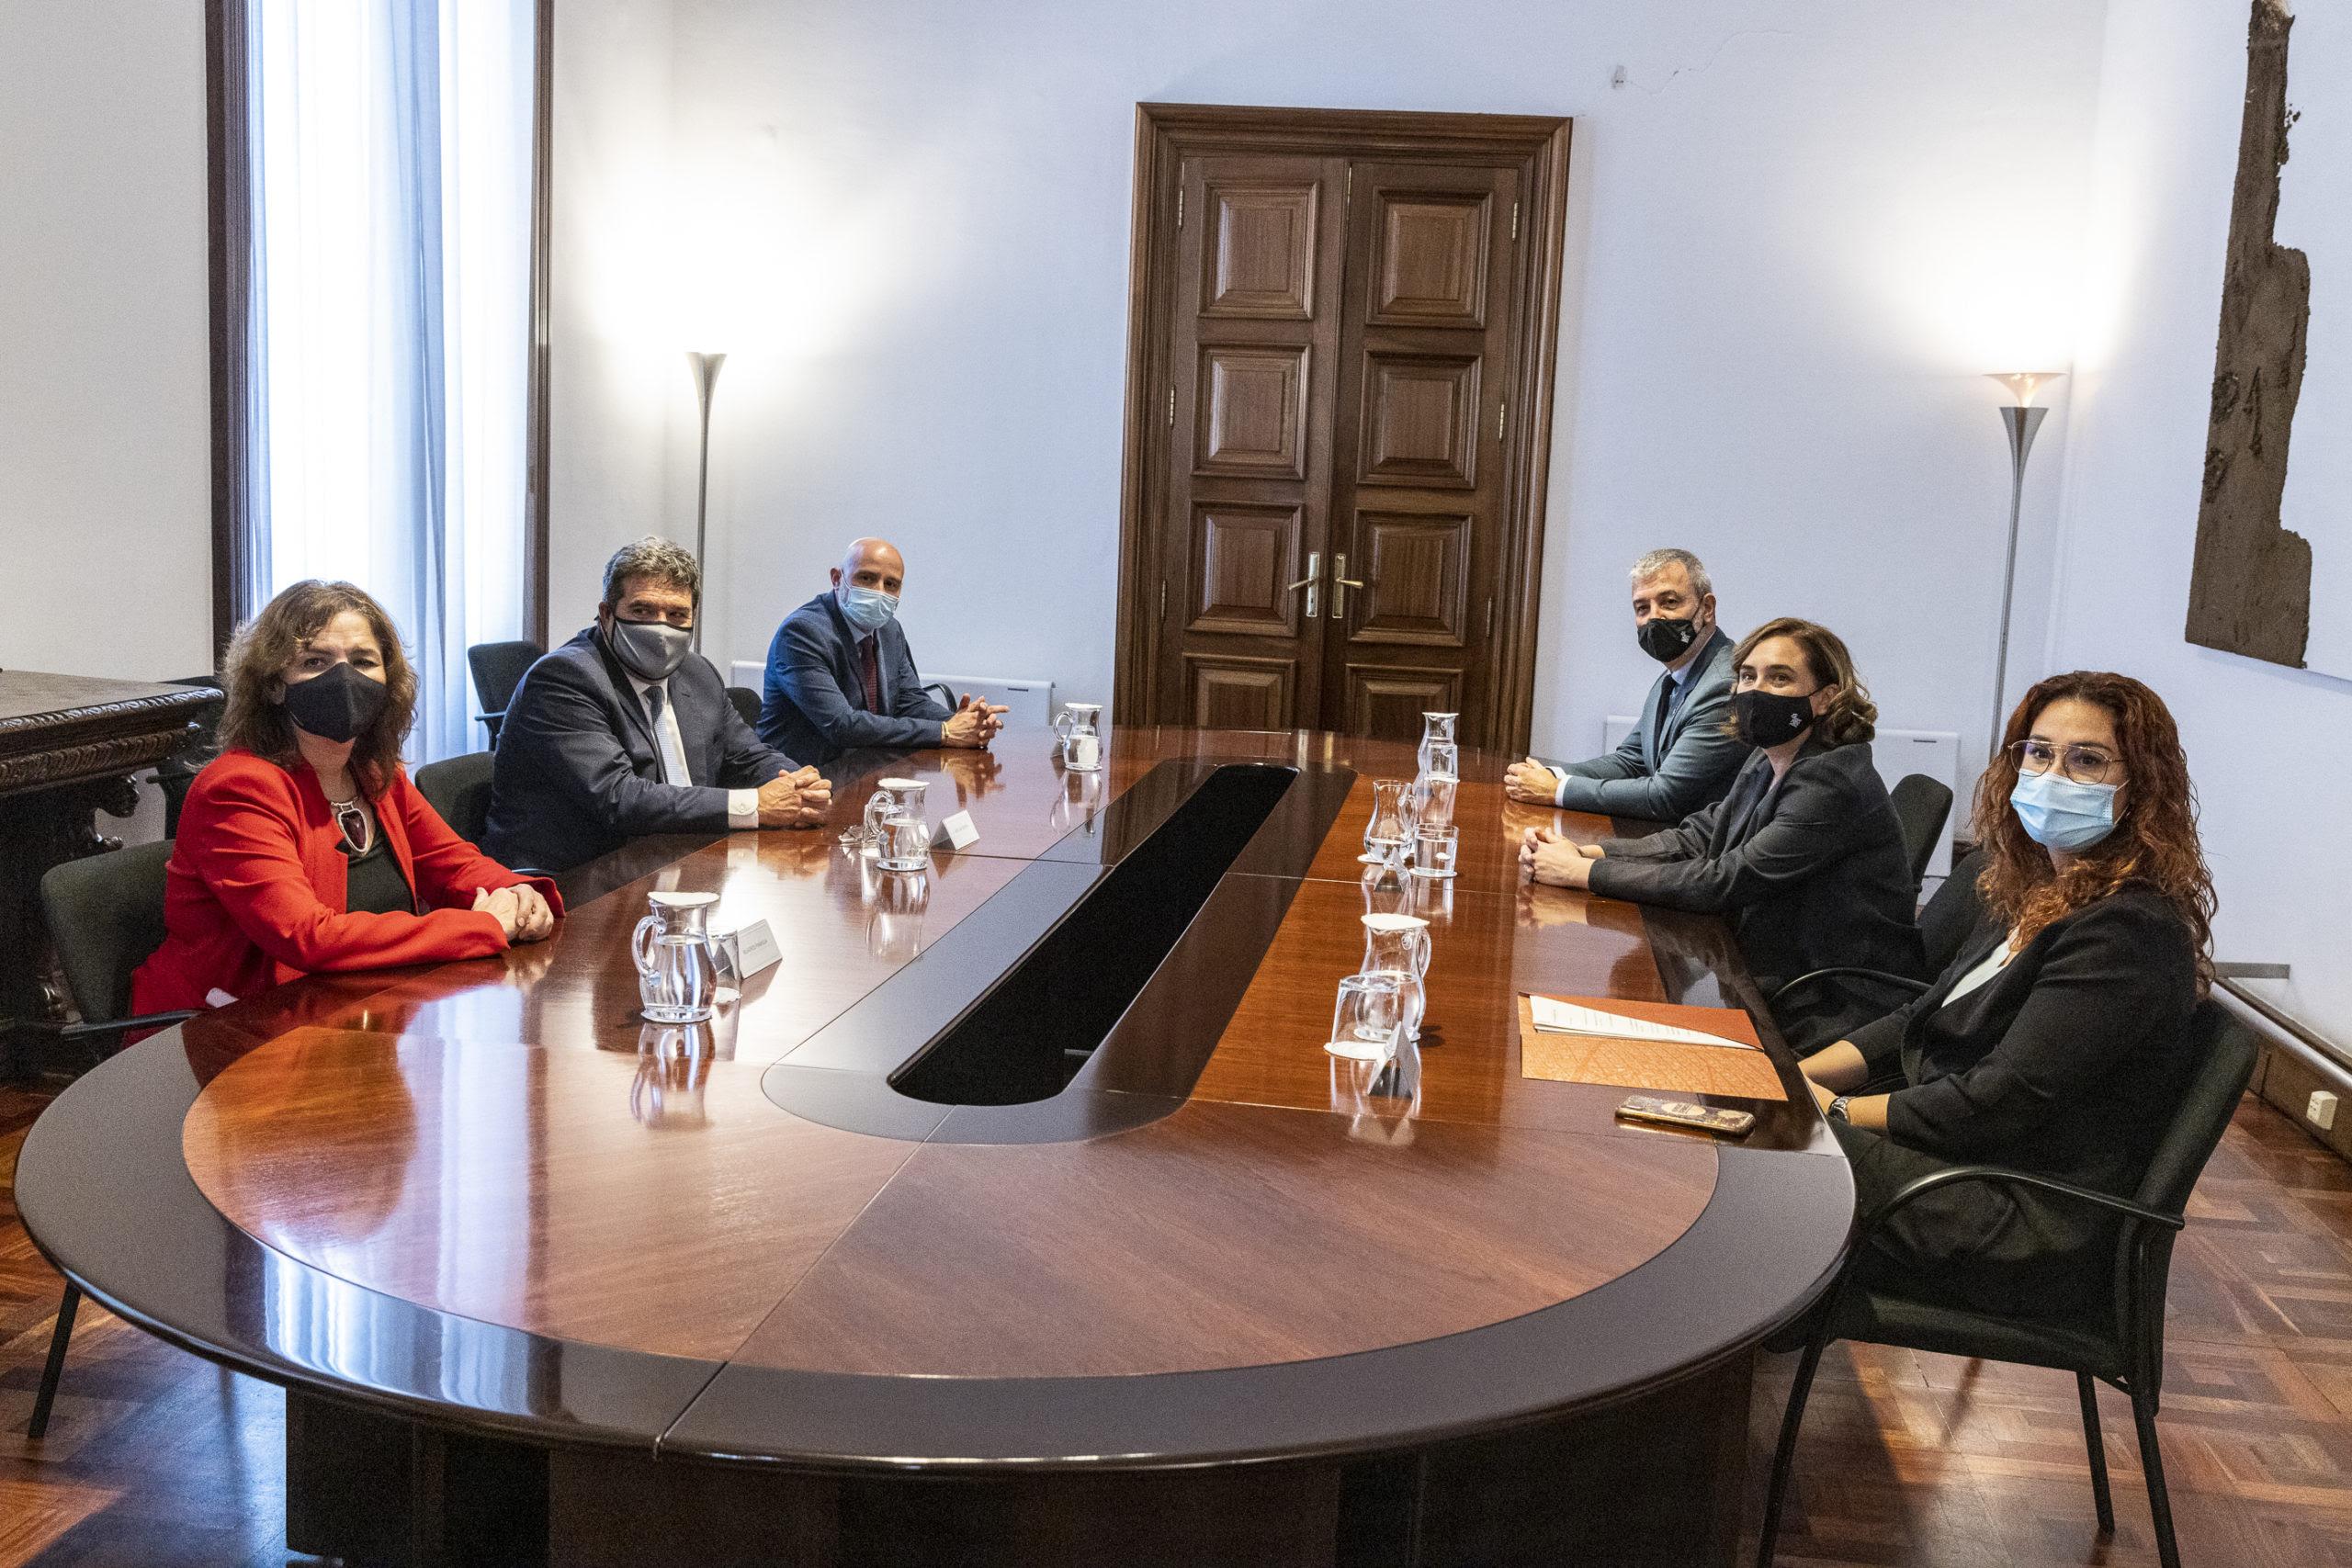 Representants del ministeri d'Inclusió i de l'Ajuntament, reunits aquesta tarda / Ajuntament